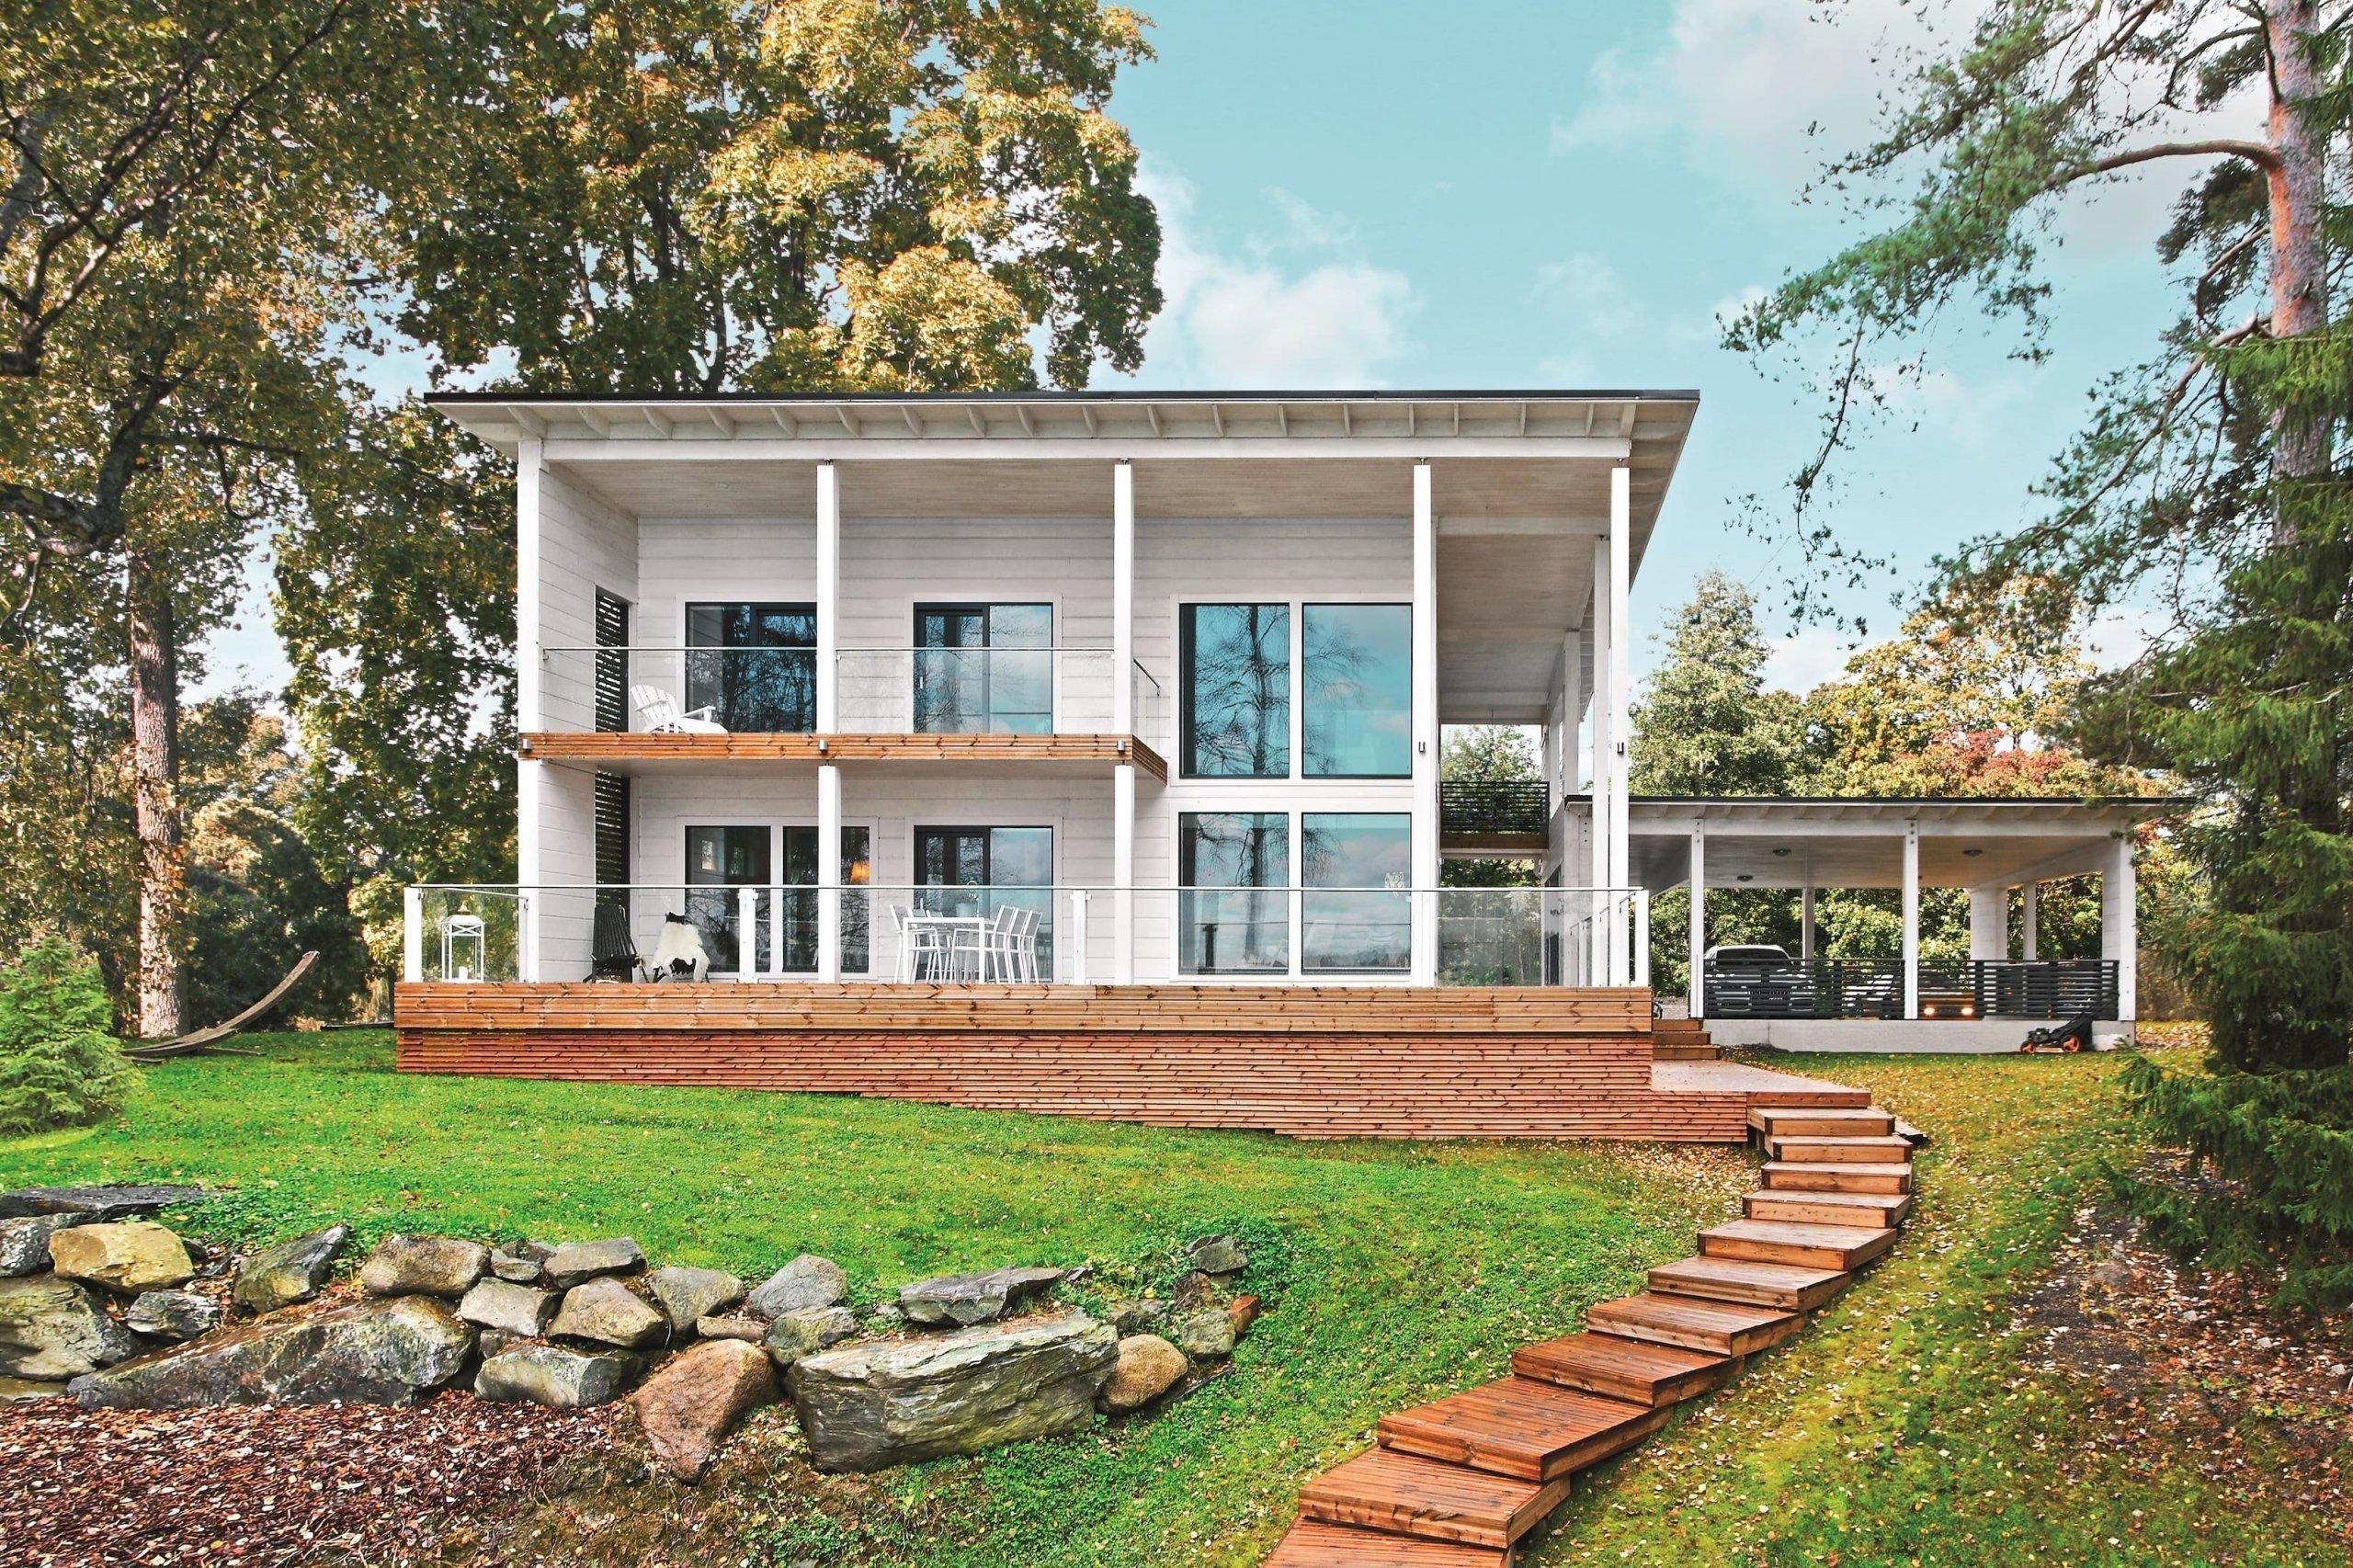 Inspiraci pro své bydlení nalezli manželé-architekti Heidi a Esa Schroderusovi při jejich pobytu v Itálii, kde byli natolik okouzleni tamní architekturou, že se rozhodli si přivézt kus jihu s sebou na sever a postavit si dům v podobném stylu.